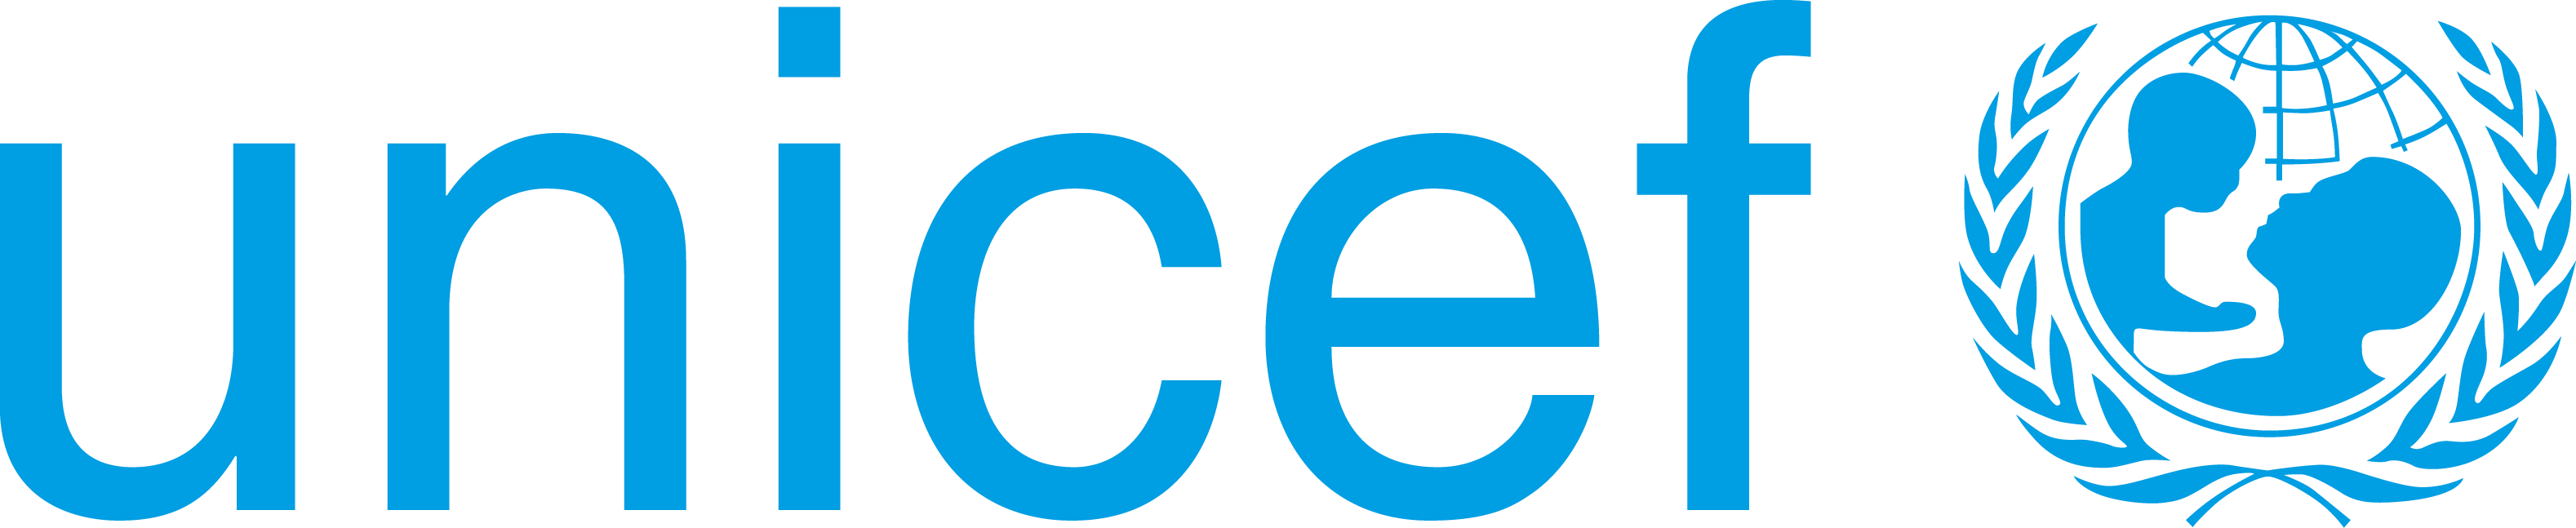 Developed for UNICEF logo